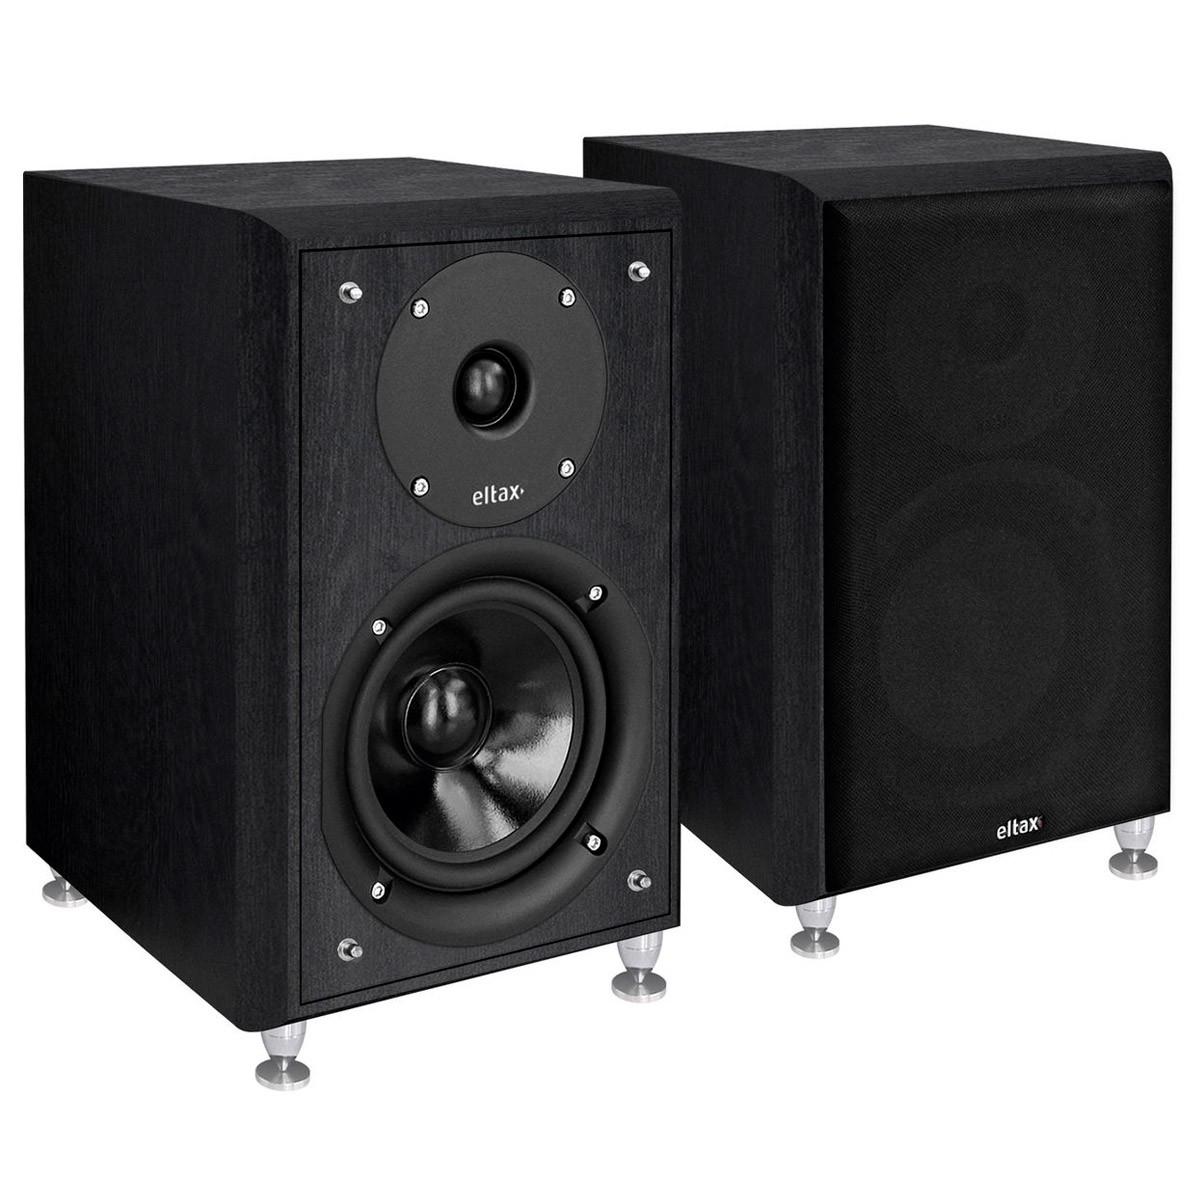 Eltax Monitor III Eltax-monitor-iii-bookshelf-speaker-2-ways-90w-89db-50hz-22khz-black-pair